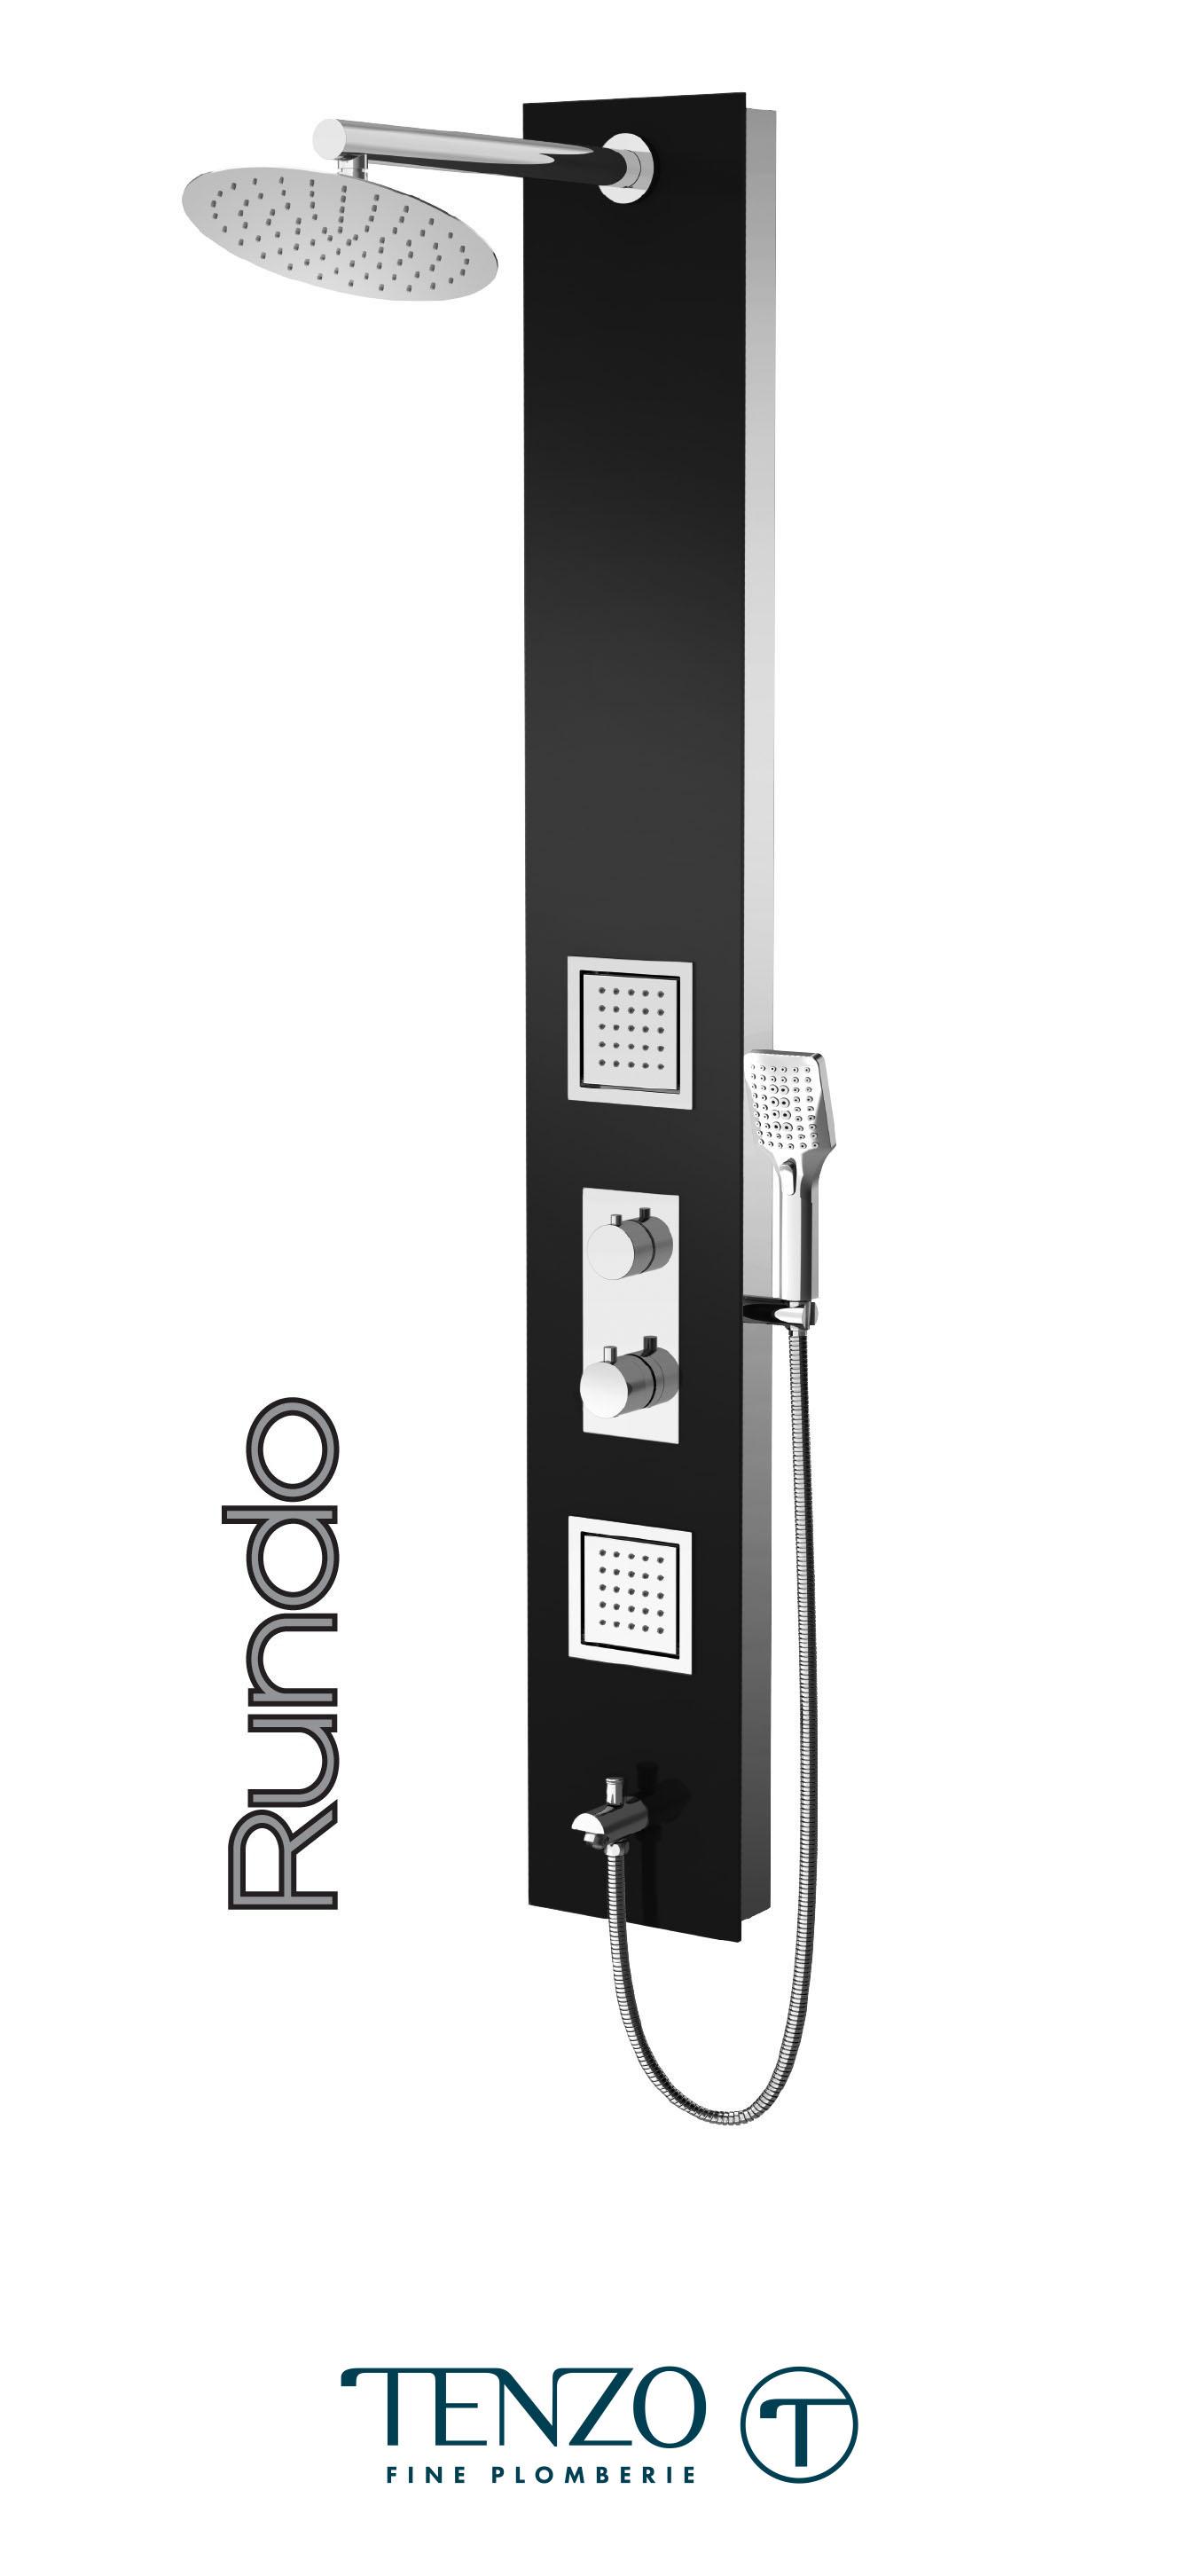 TZG3-XX-RU-SX - Colonne de douche - Verre trempé, 3 fonctions, Rundo